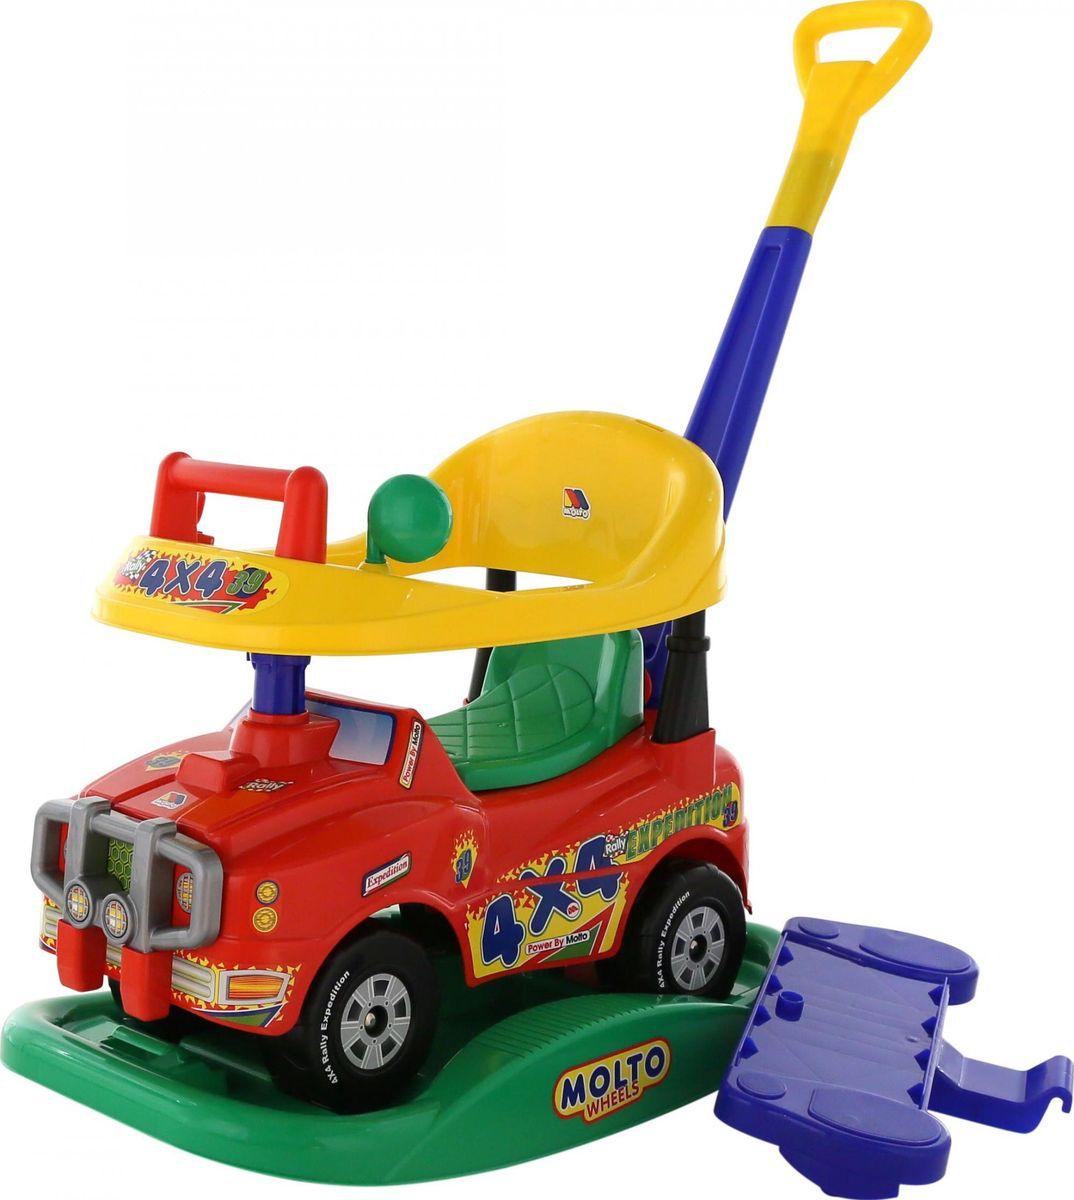 Полесье Автомобиль-каталка Джип Викинг №2 цвет красный -  Каталки, понициклы